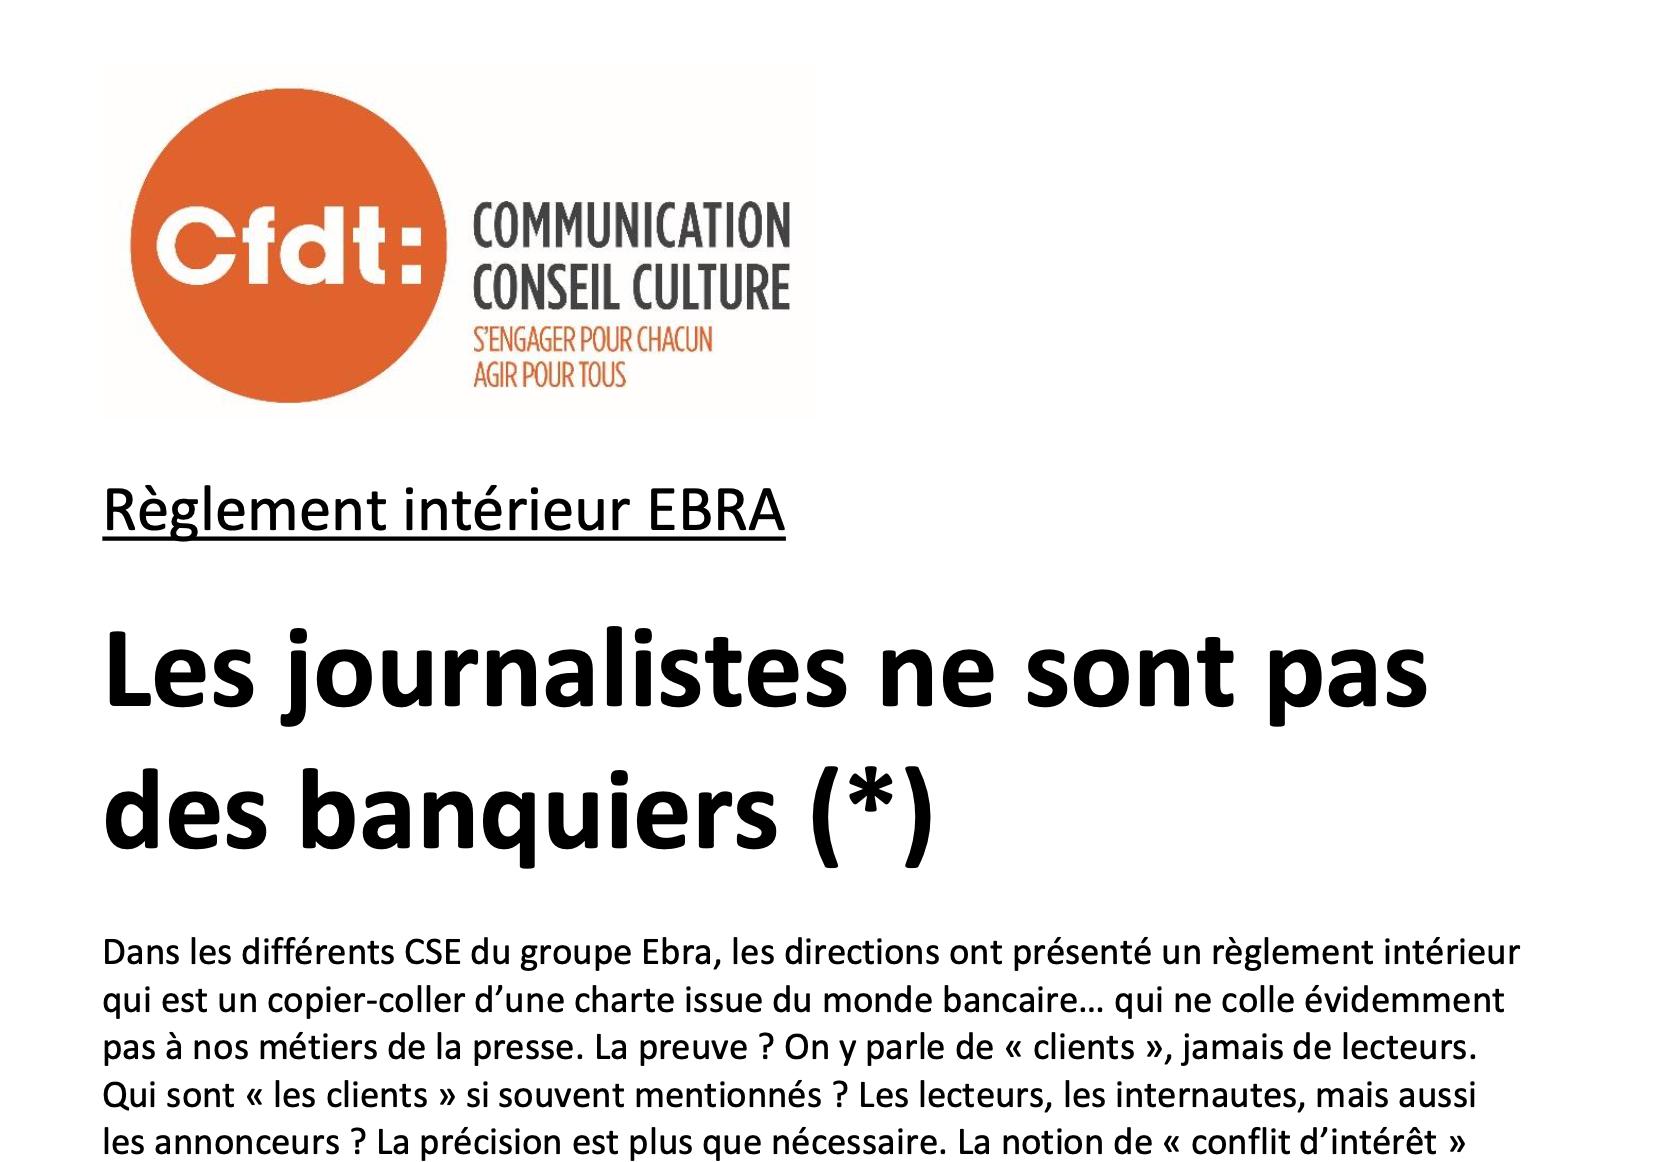 Le groupe EBRA confond règlement intérieur et charte déontologique